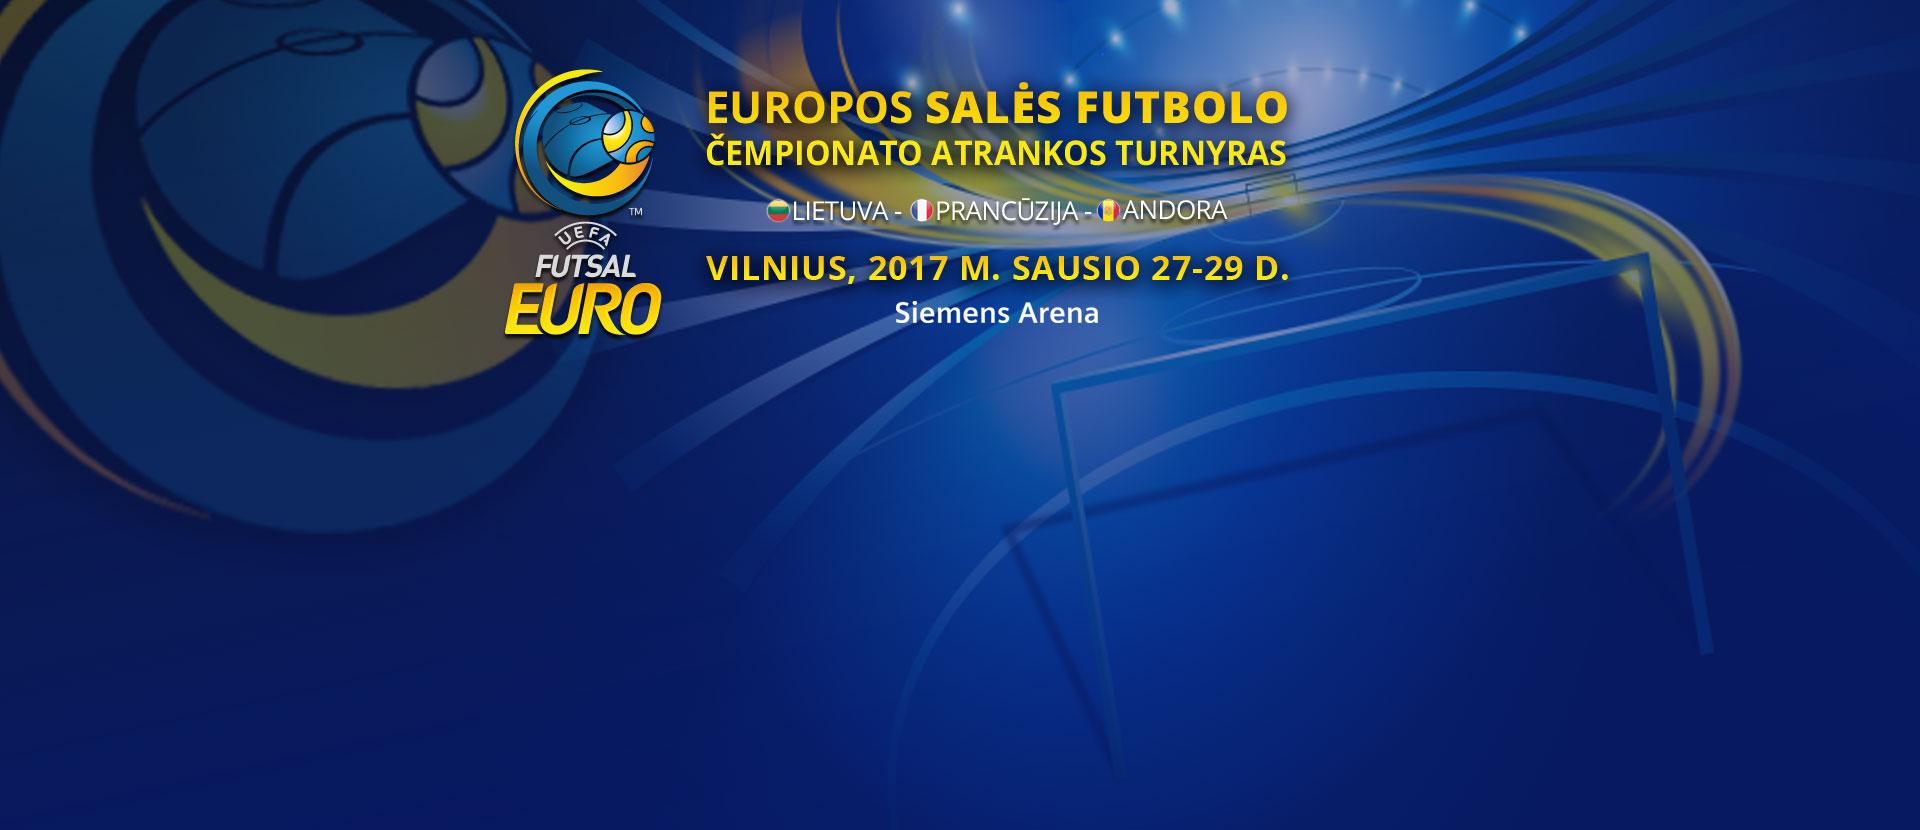 Еuropos salės futbolo čempionato atrankos rungtynės: